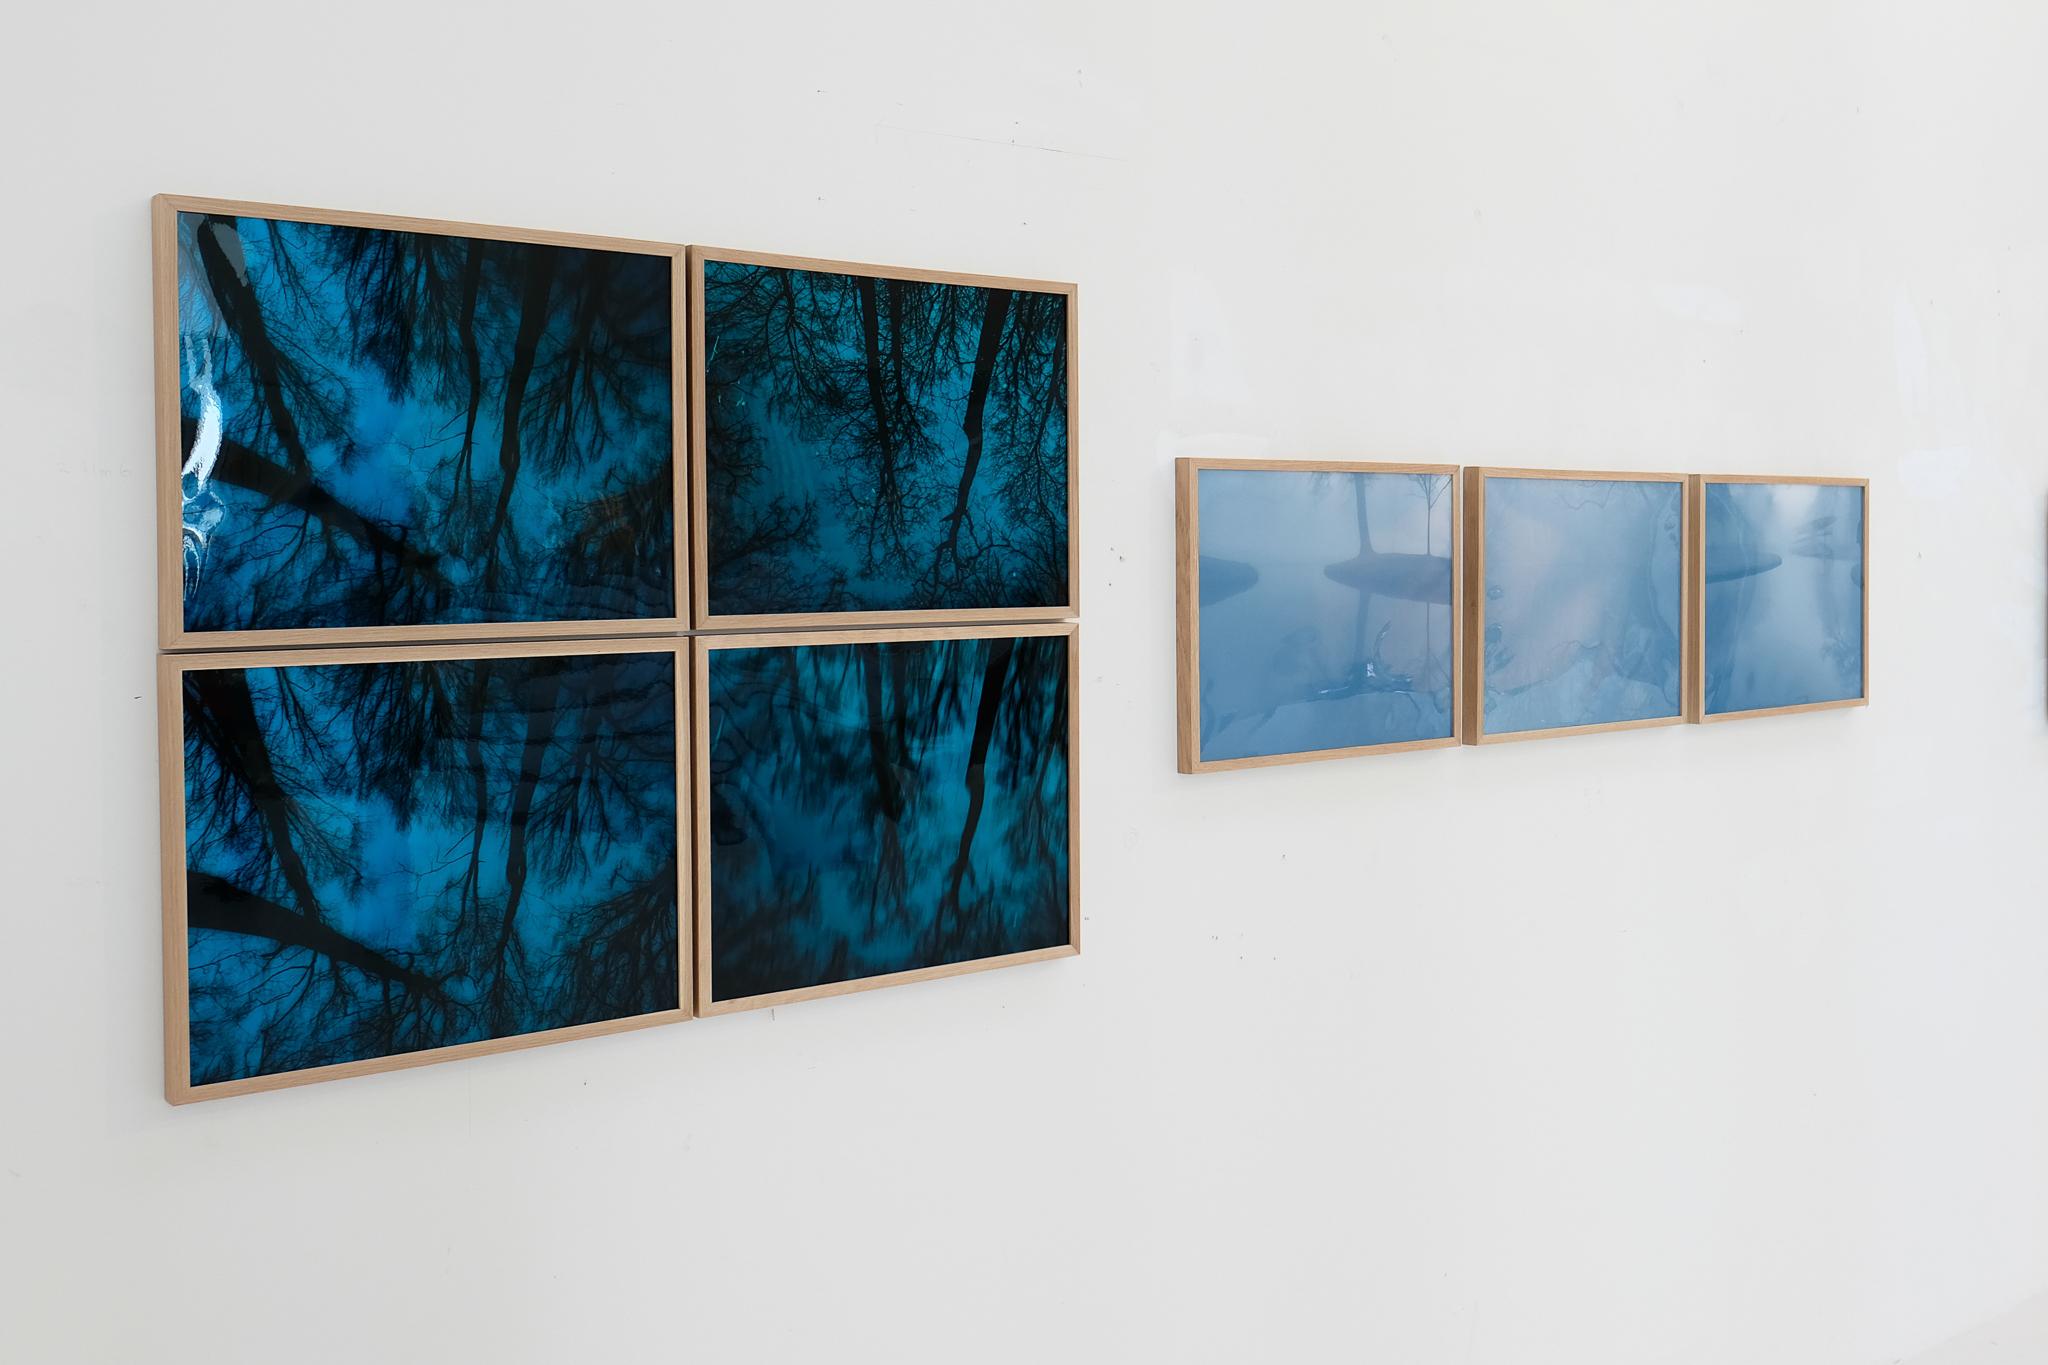 Verhalen in het landschap, Galerie Steven Sterk, Gorredijk, NL